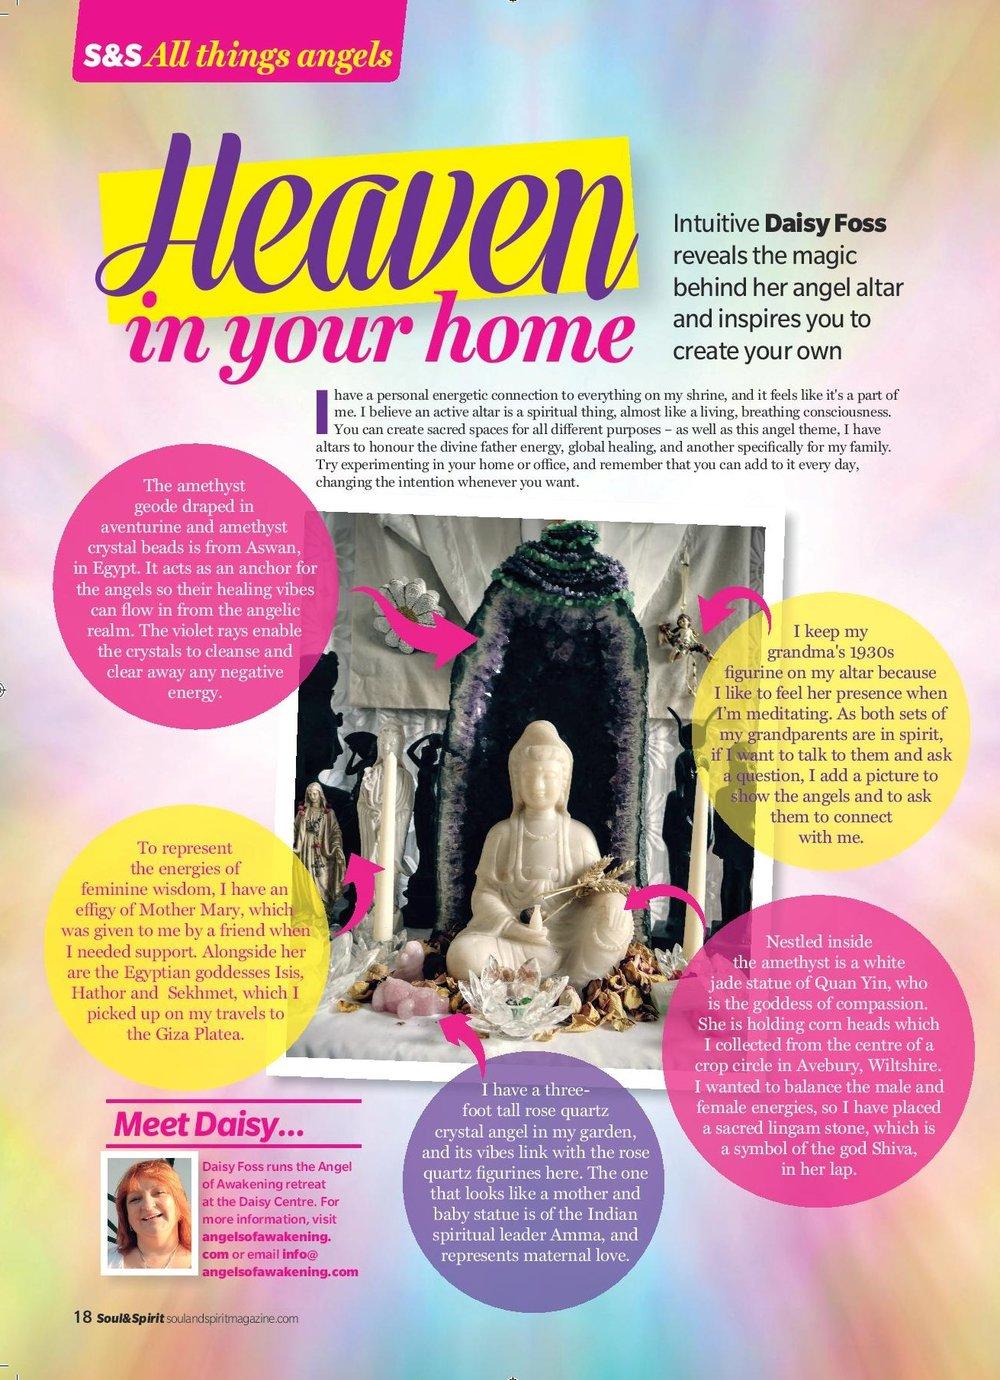 HeavenInHome-page-001.jpg